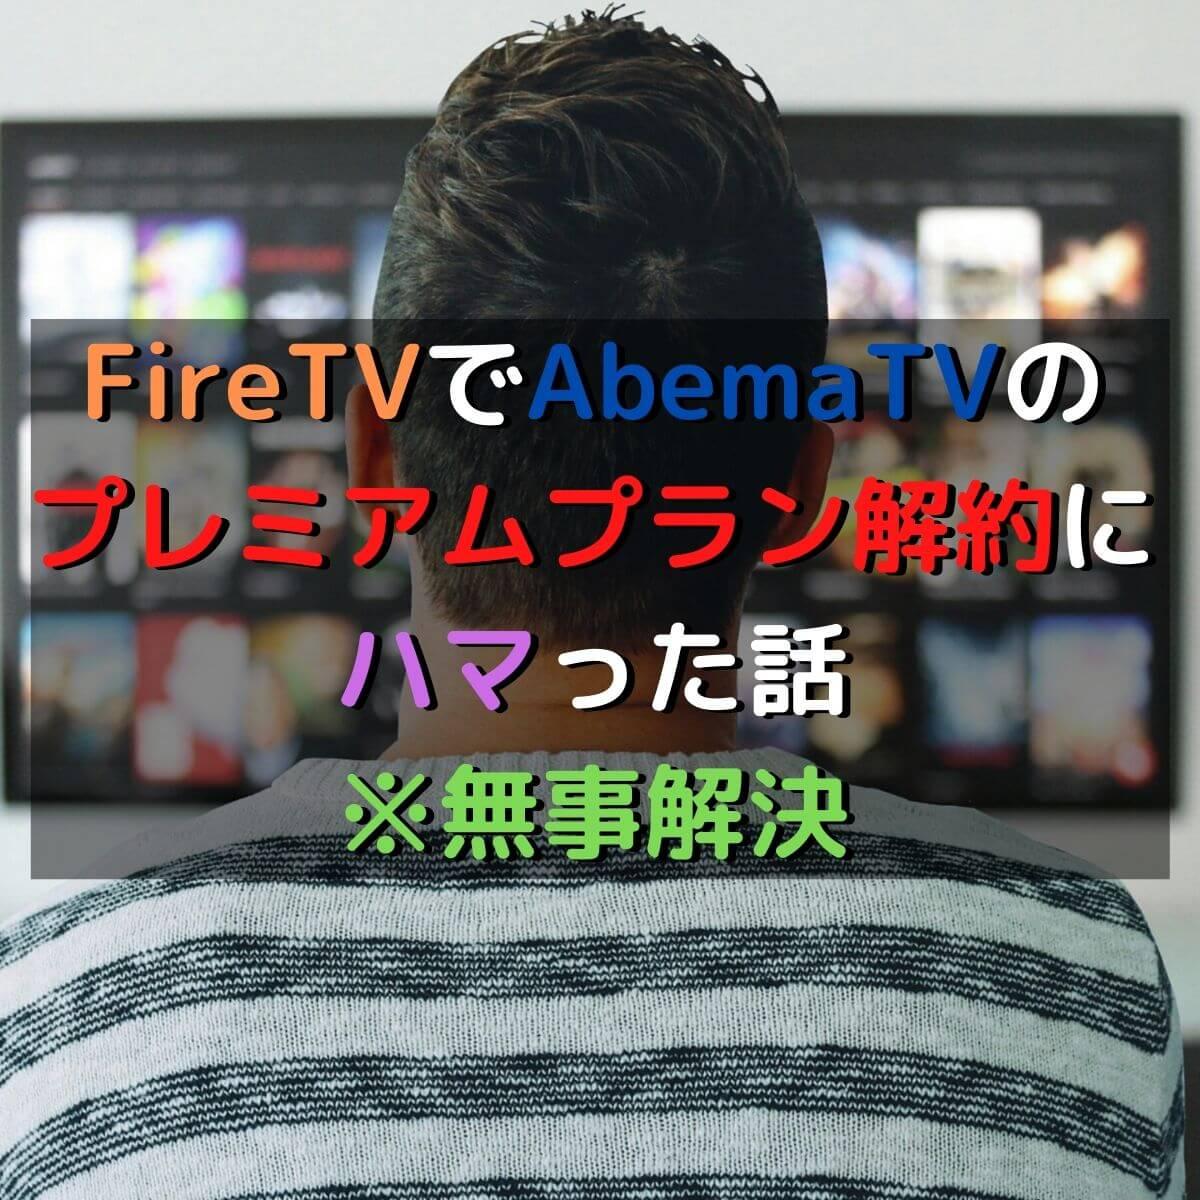 FireTVでAbemaTVのプレミアムプラン解約にハマった話※無事解決